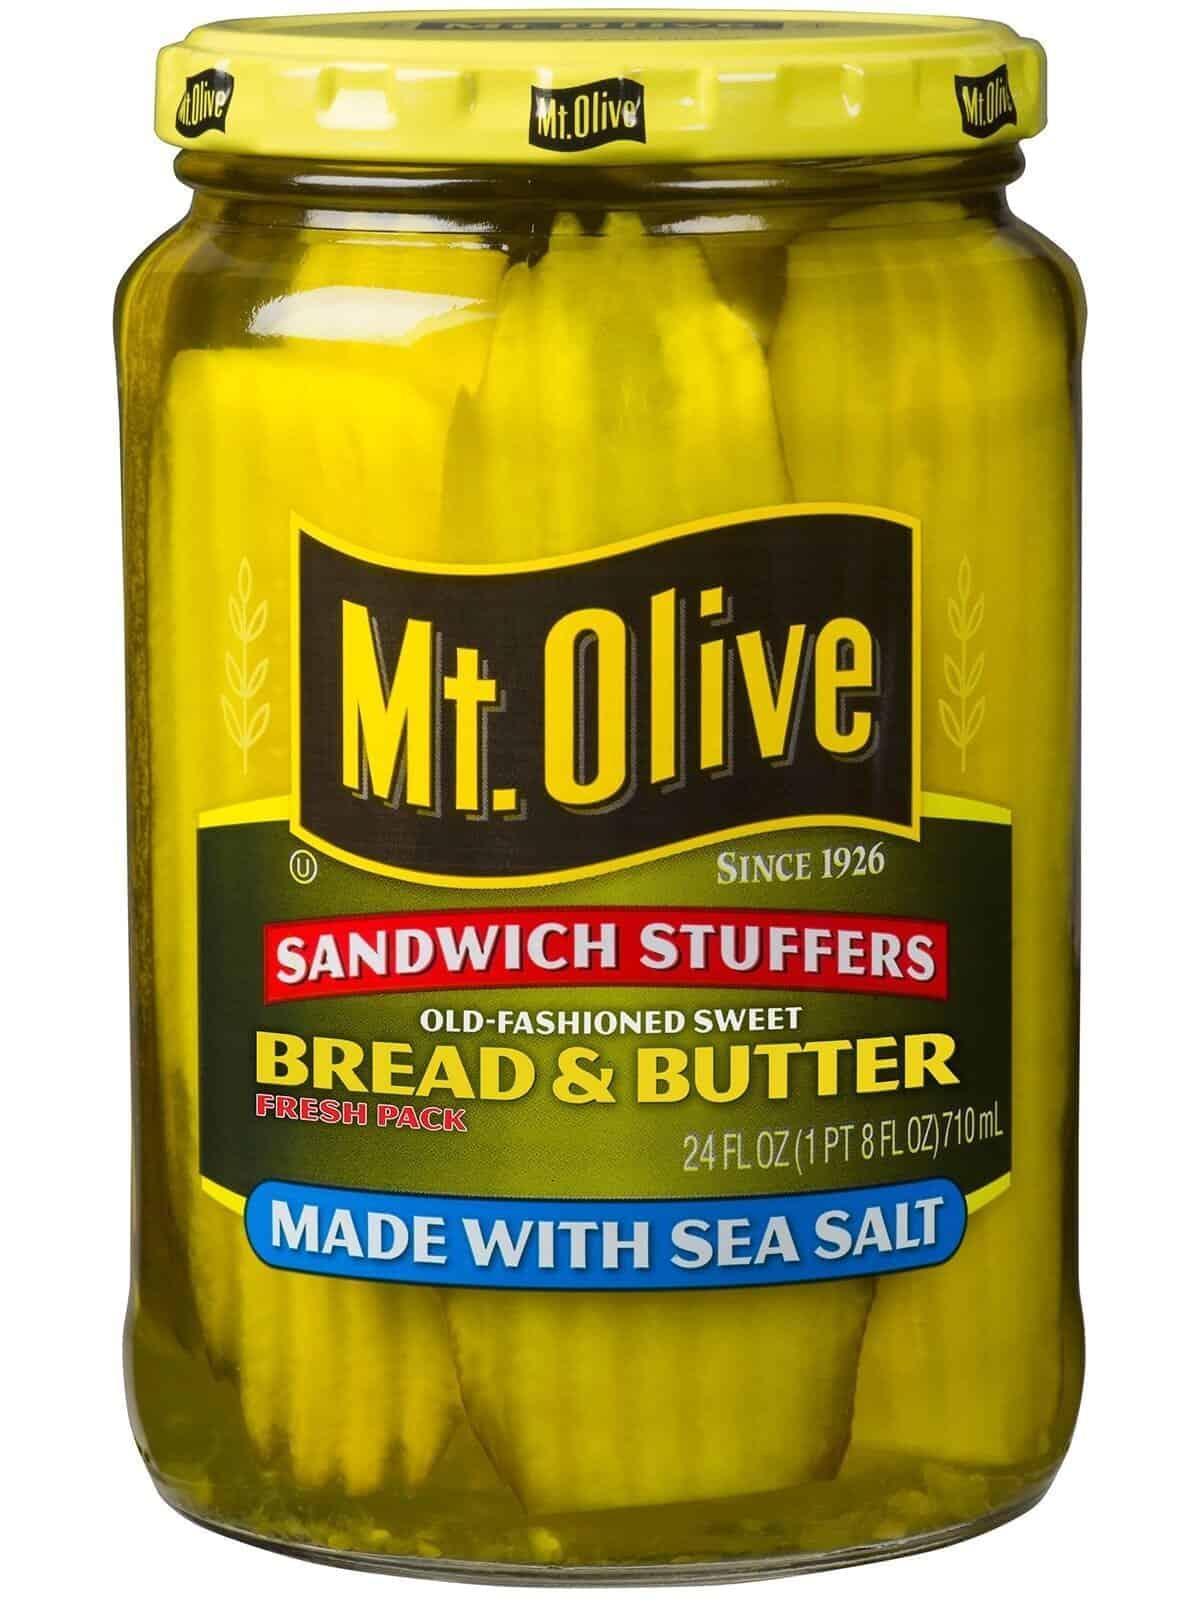 Bread & Butter Sandwich Stuffers with Sea Salt